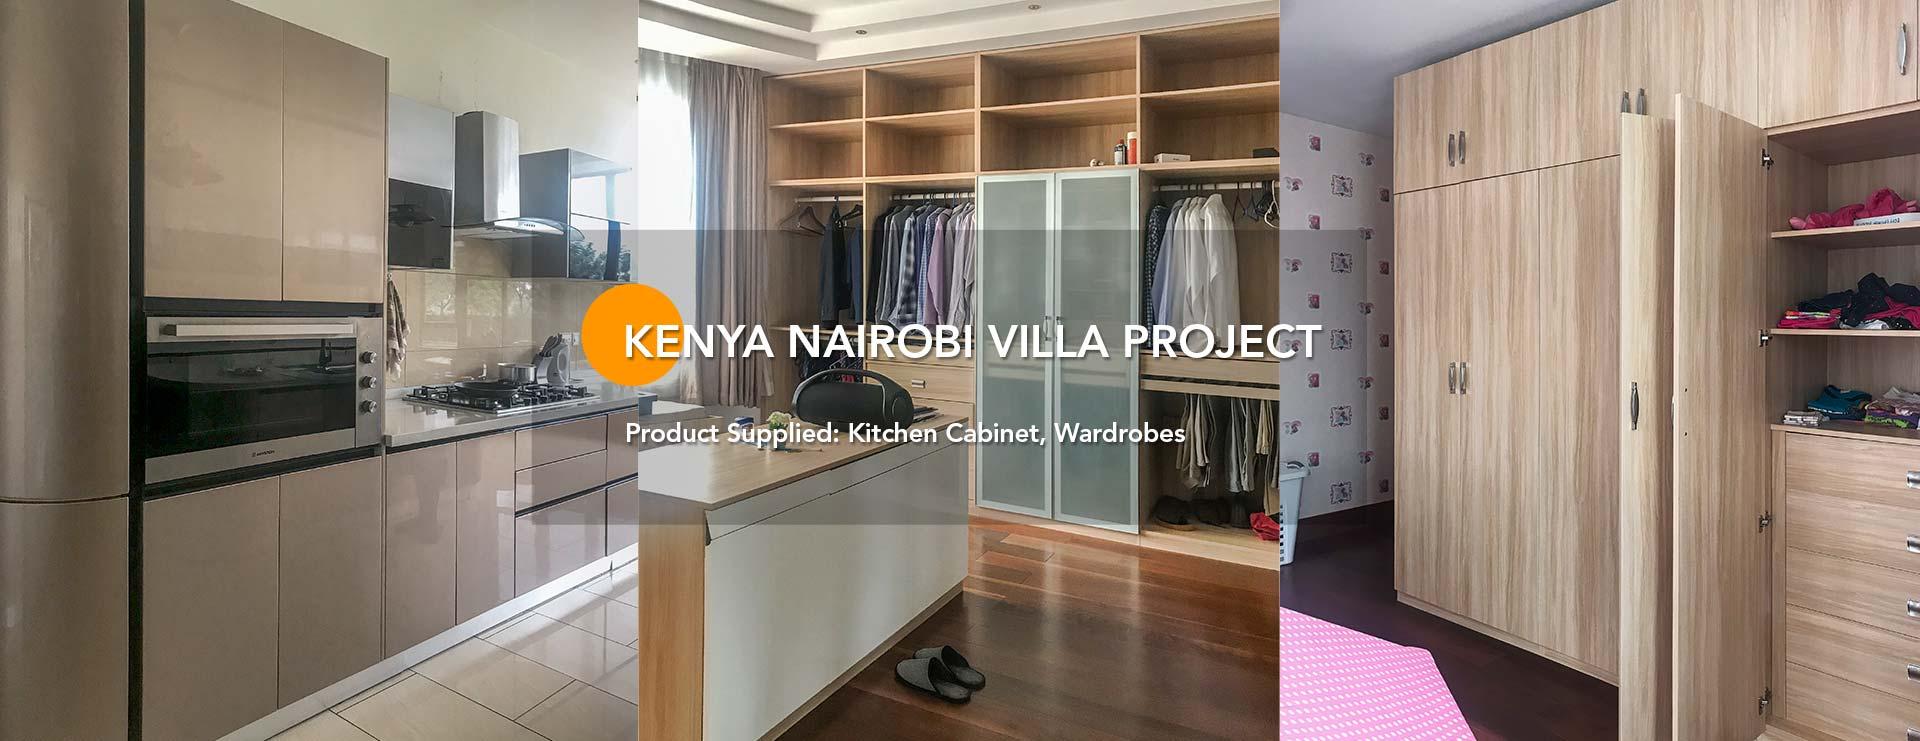 kenya-nairobi-villa-project01-banner